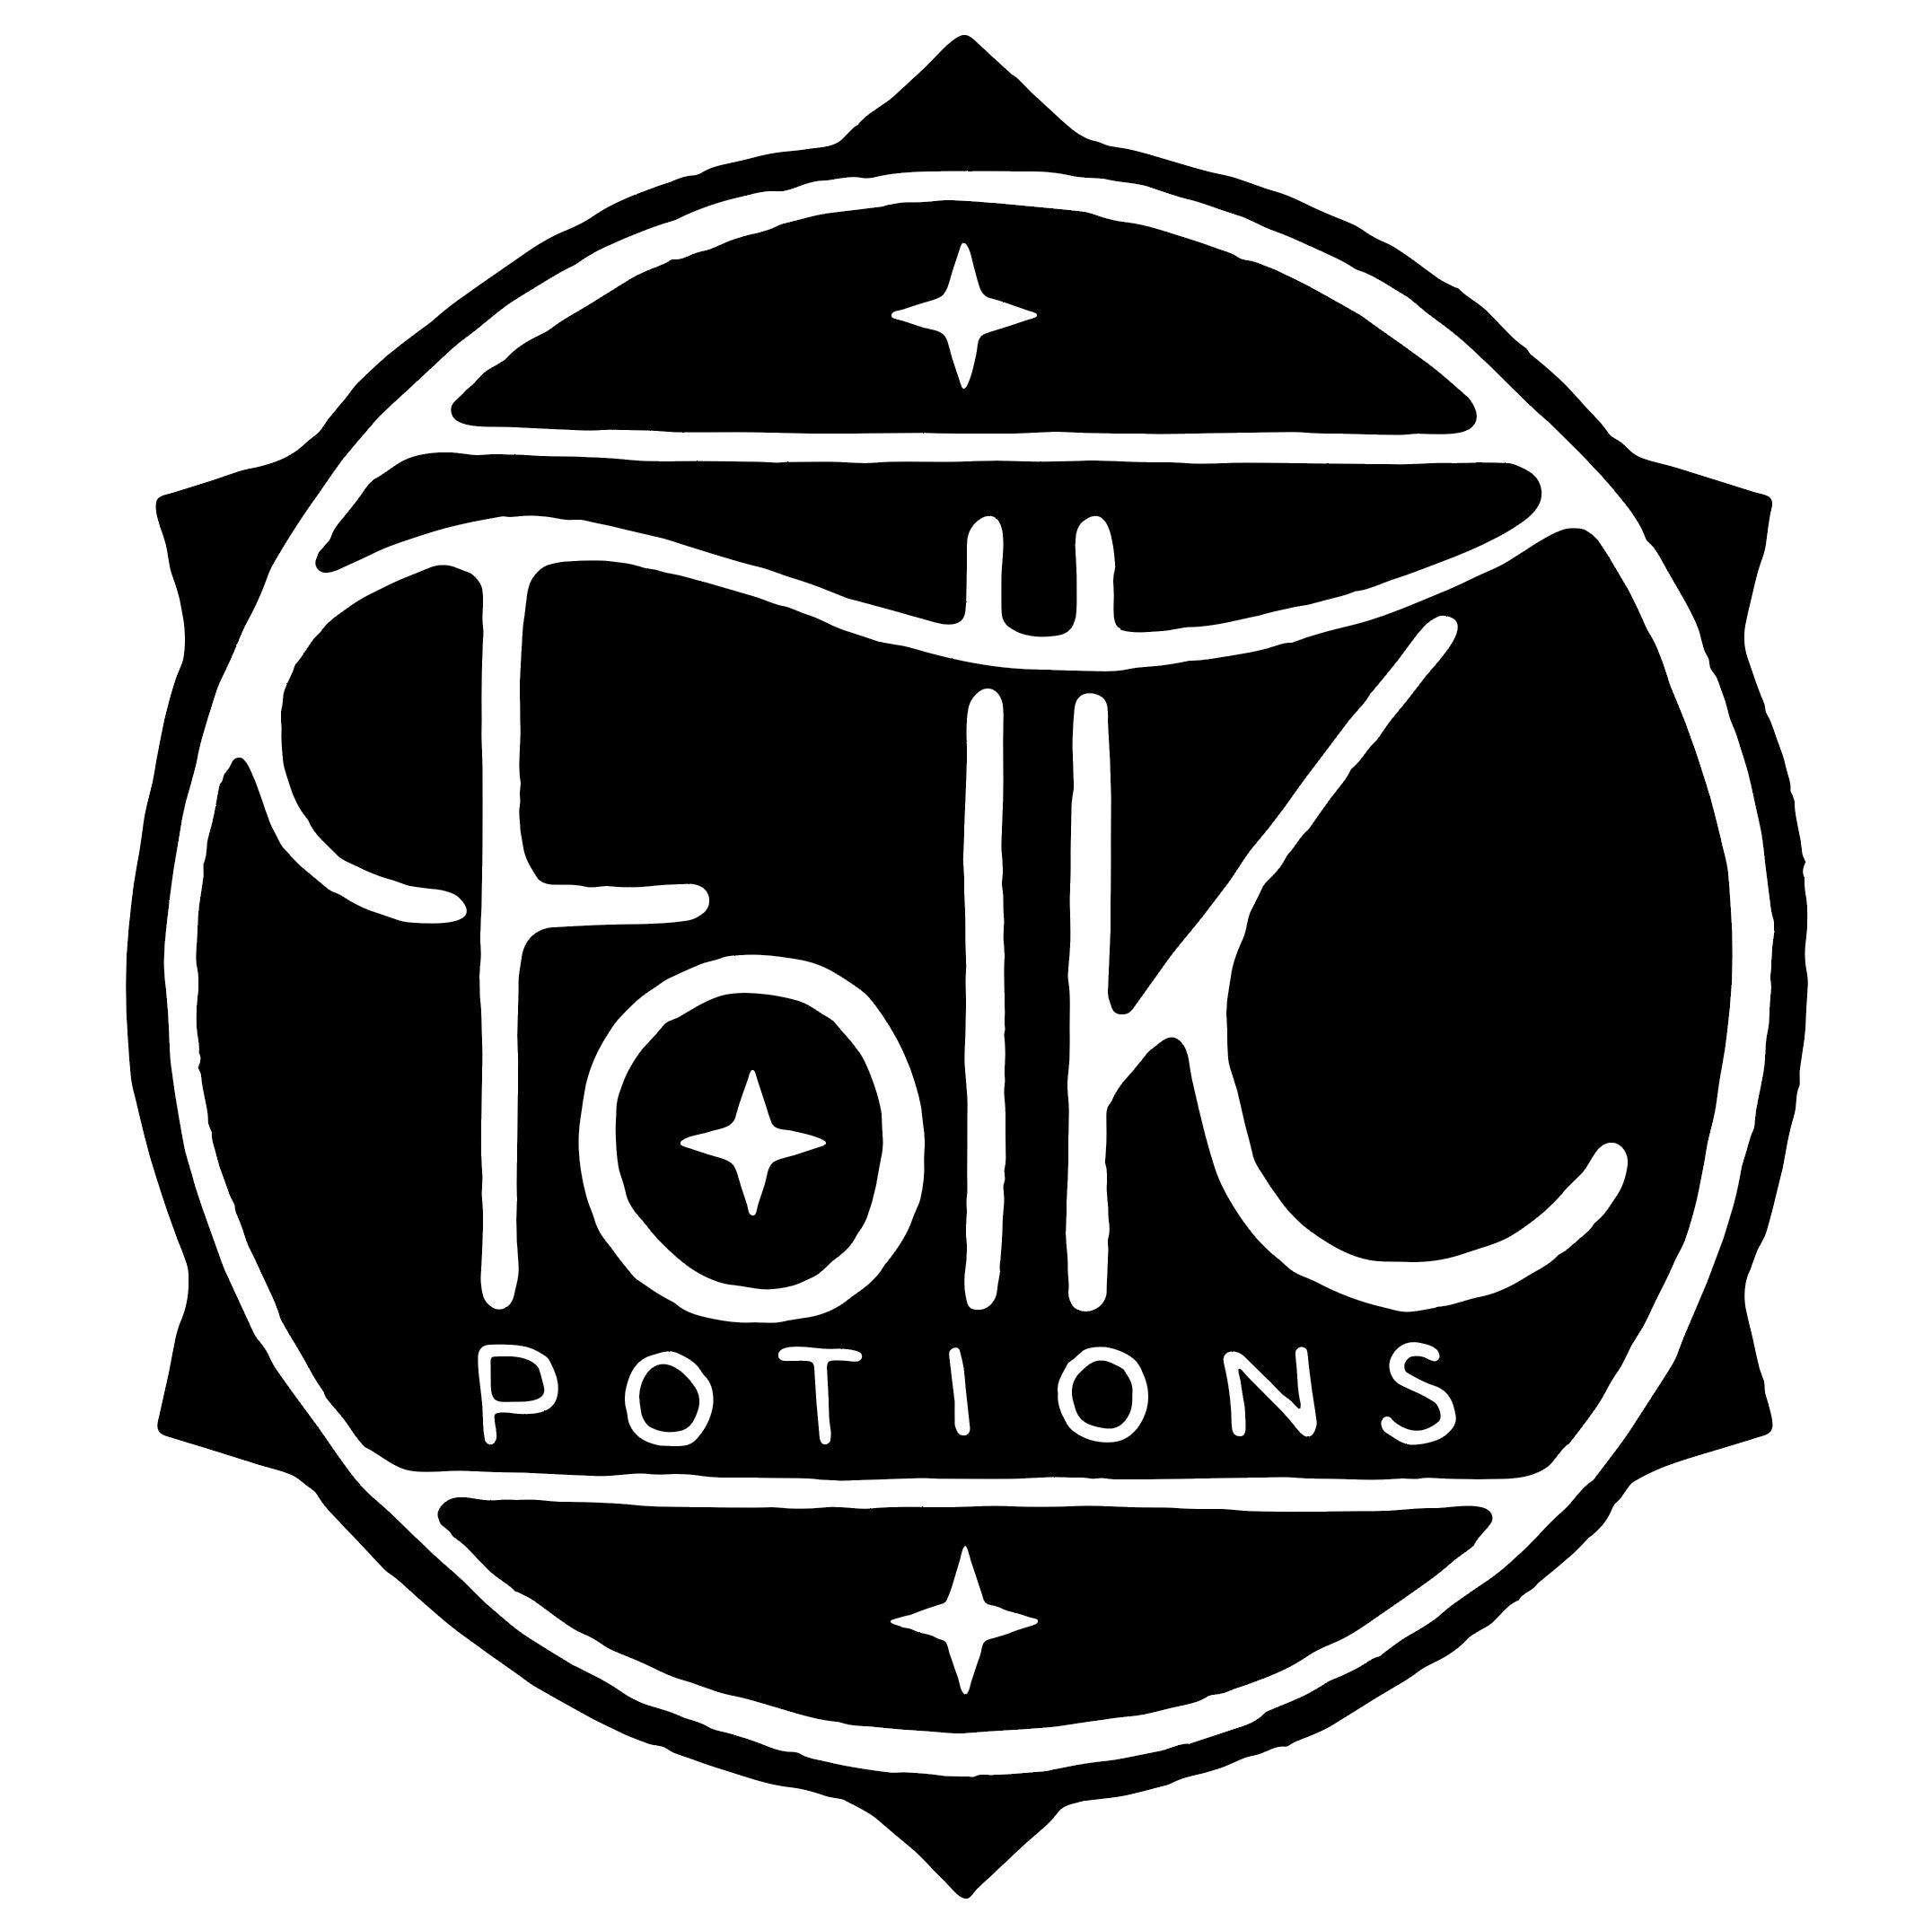 FolkPotions